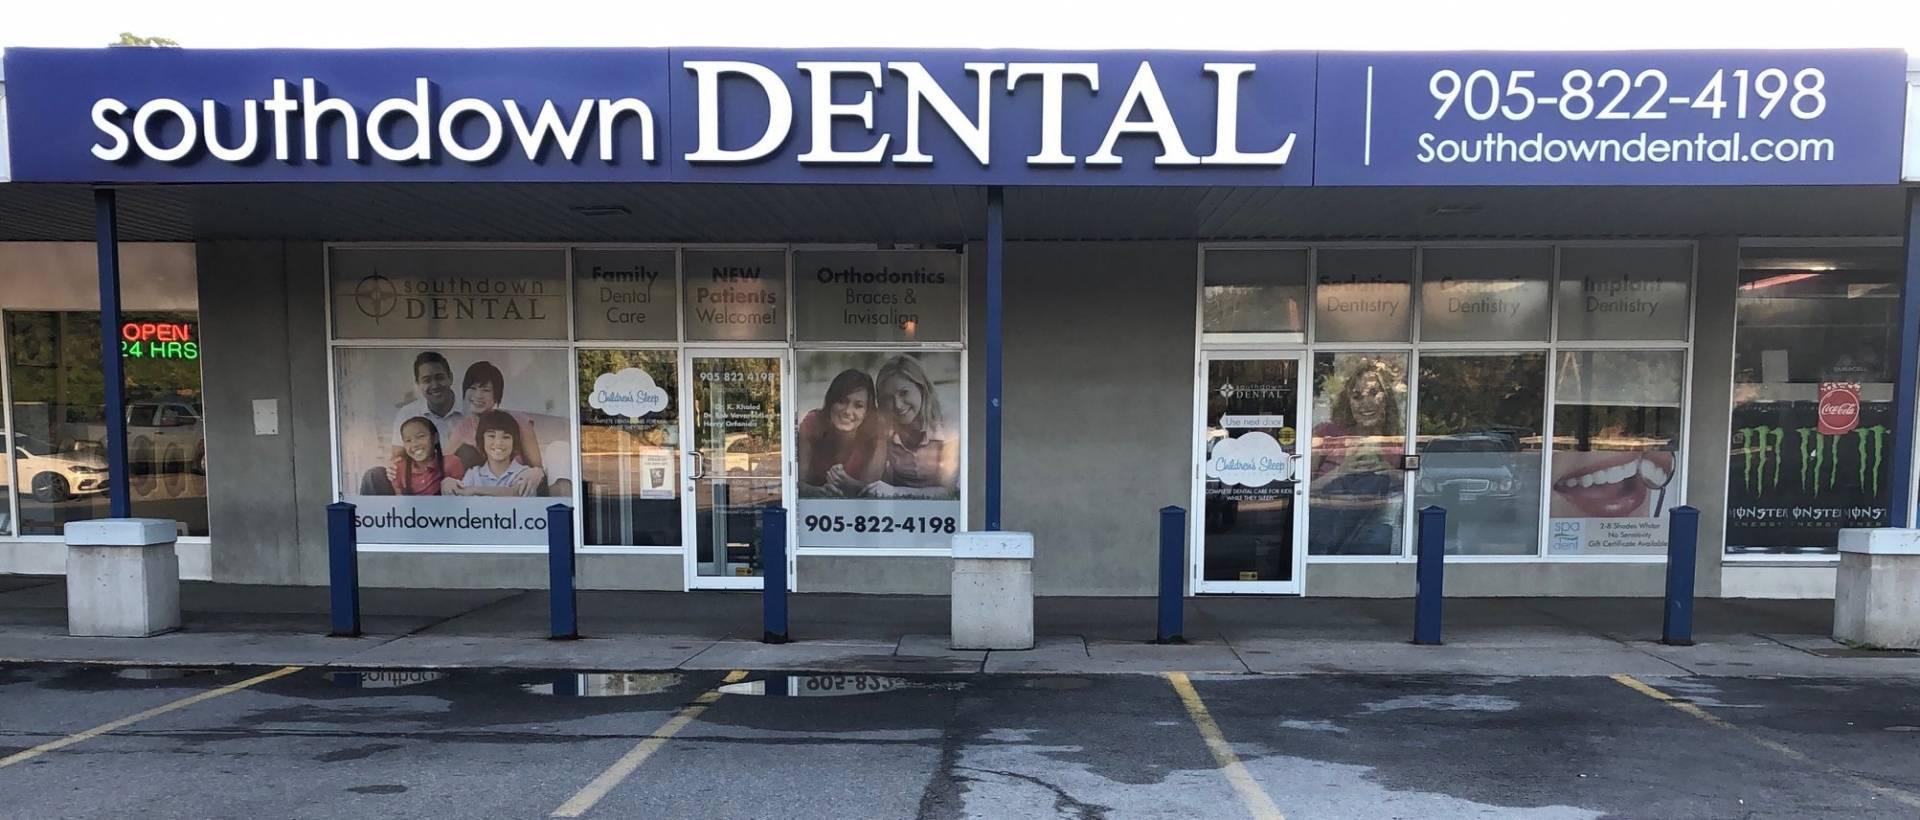 Southdown Dental